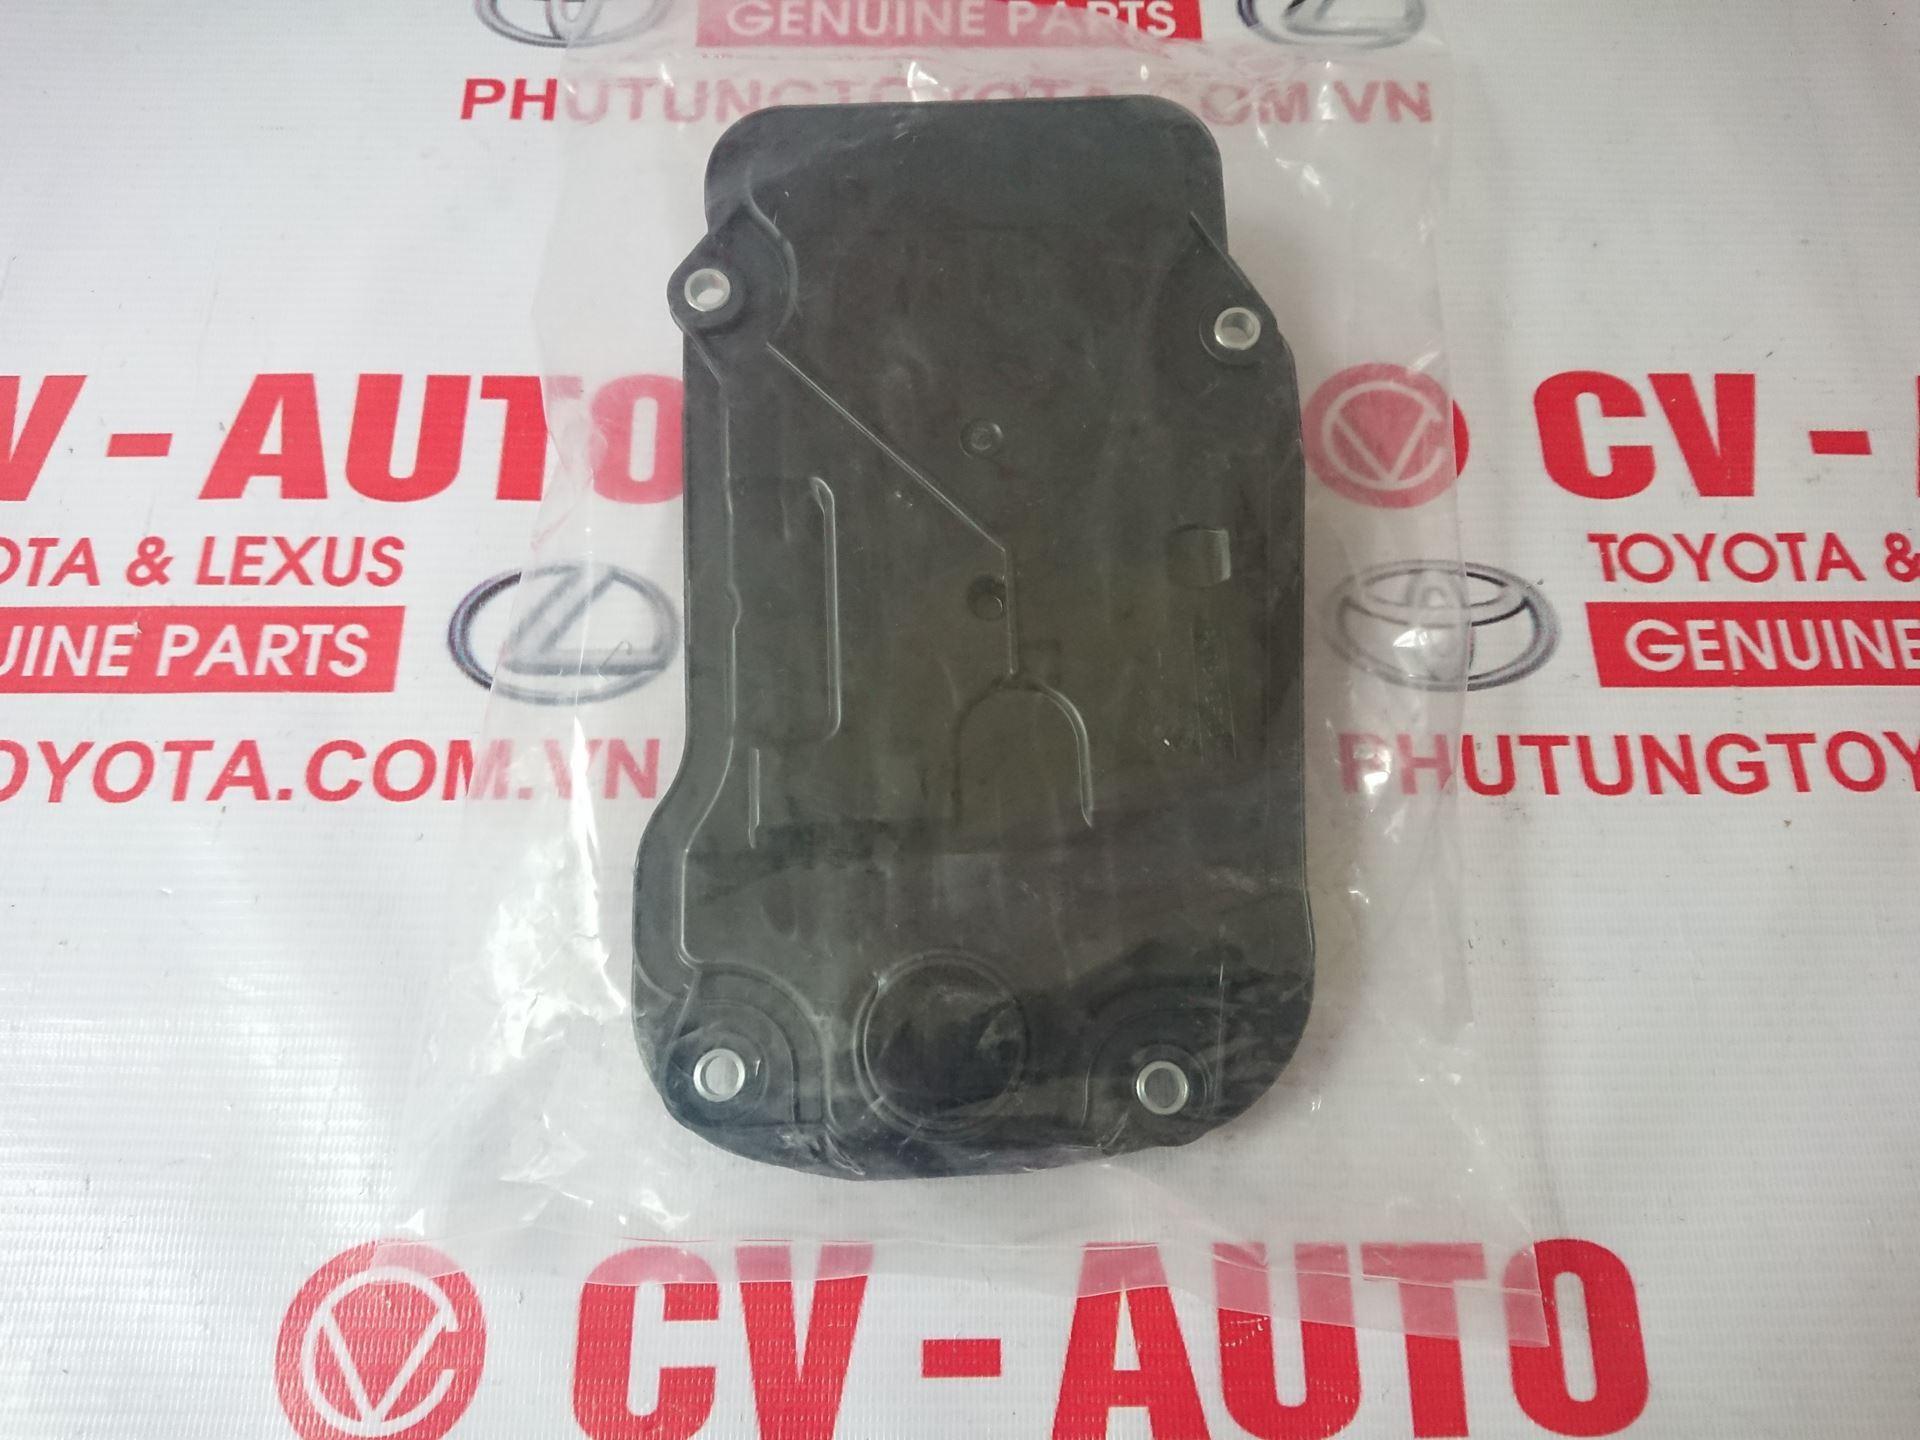 Picture of AFT-014 Lọc dầu số Lexus GX460, LX570 hàng chính hãng